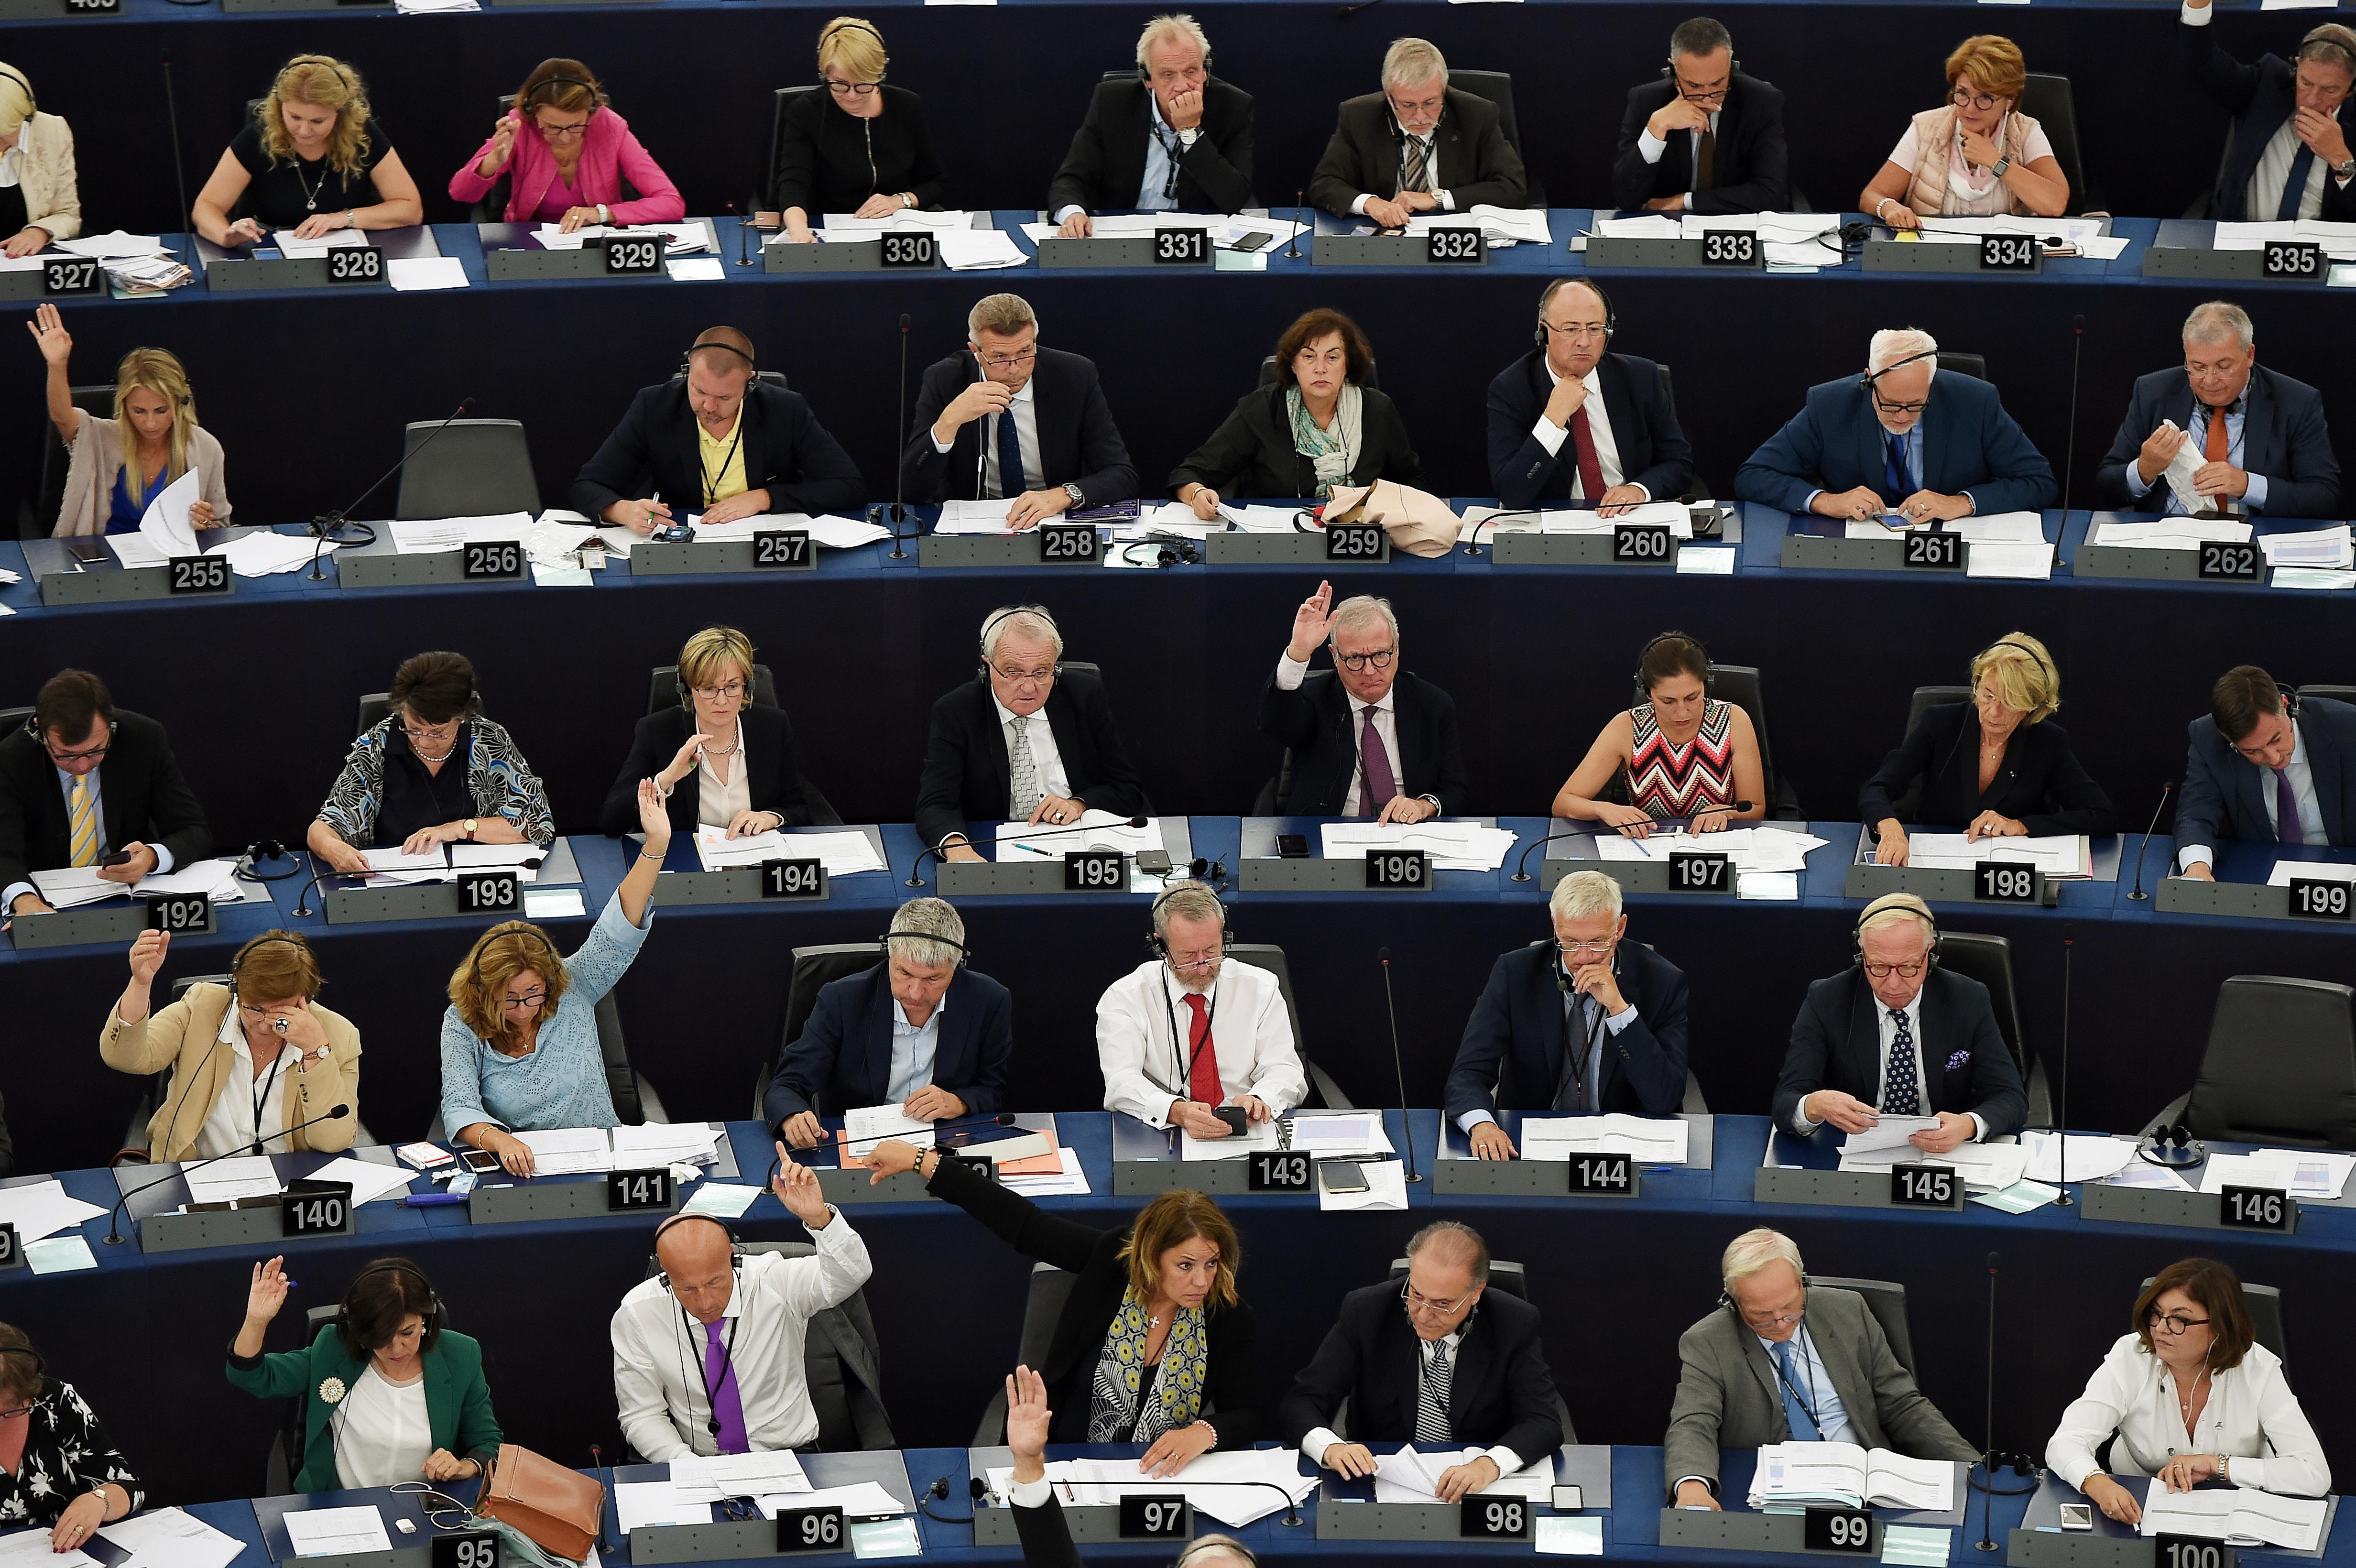 Itt van név szerint, ki hogyan szavazott a Sargentini-jelentésről